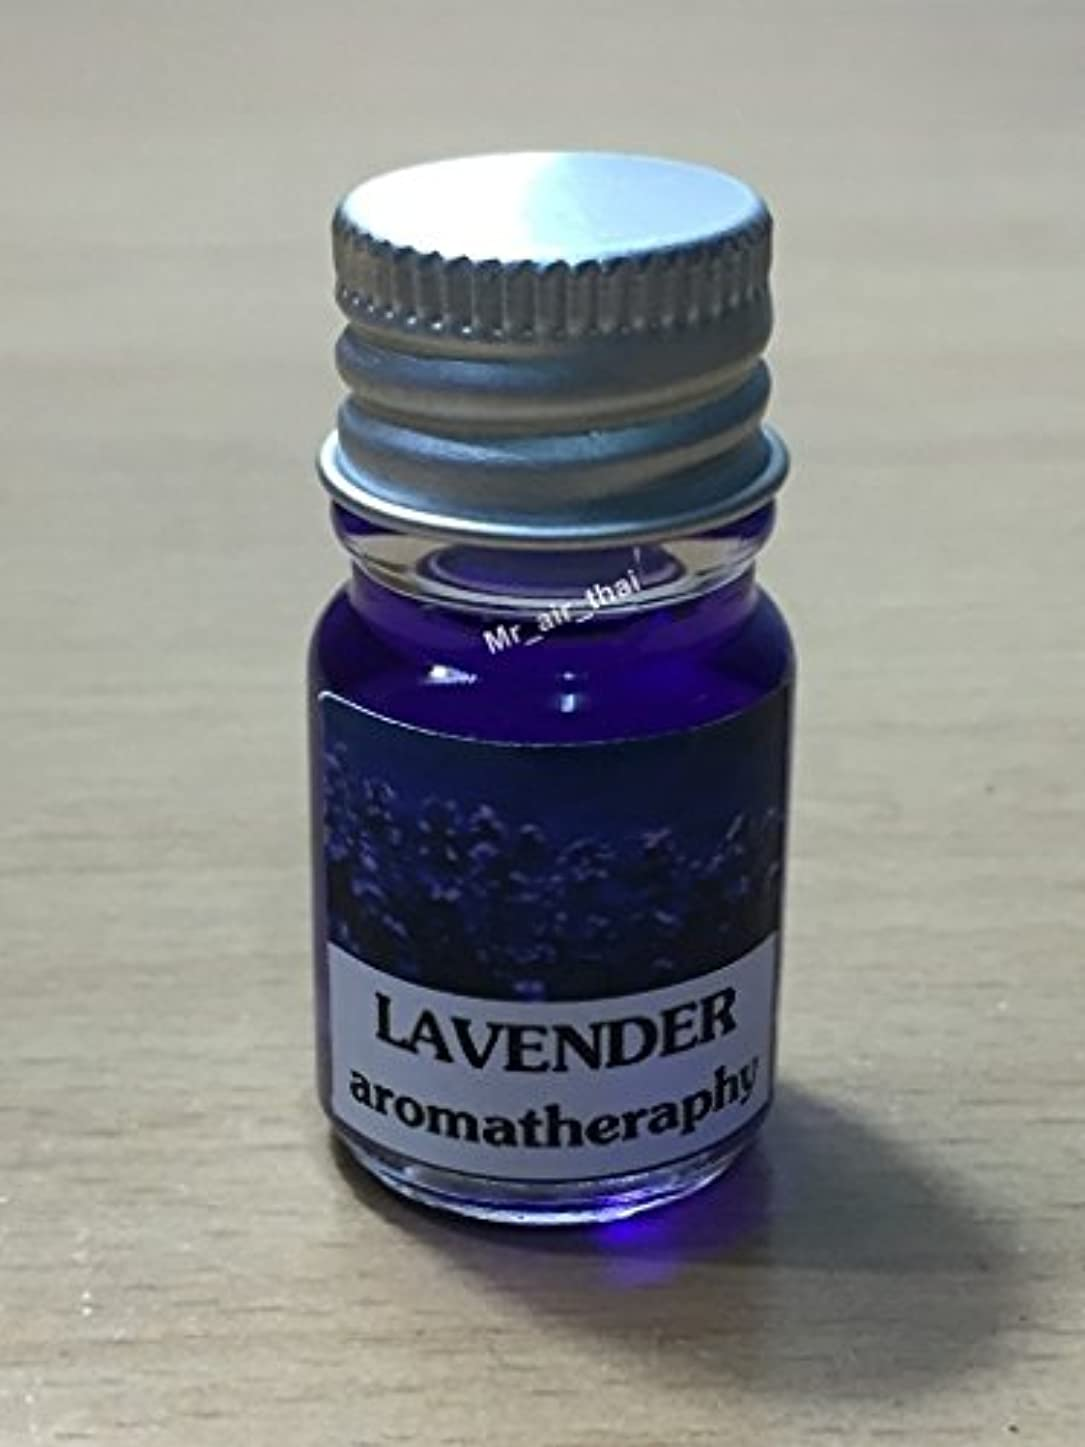 シェトランド諸島犠牲衝突する5ミリリットルアロマラベンダーフランクインセンスエッセンシャルオイルボトルアロマテラピーオイル自然自然5ml Aroma Lavender Frankincense Essential Oil Bottles Aromatherapy Oils natural nature